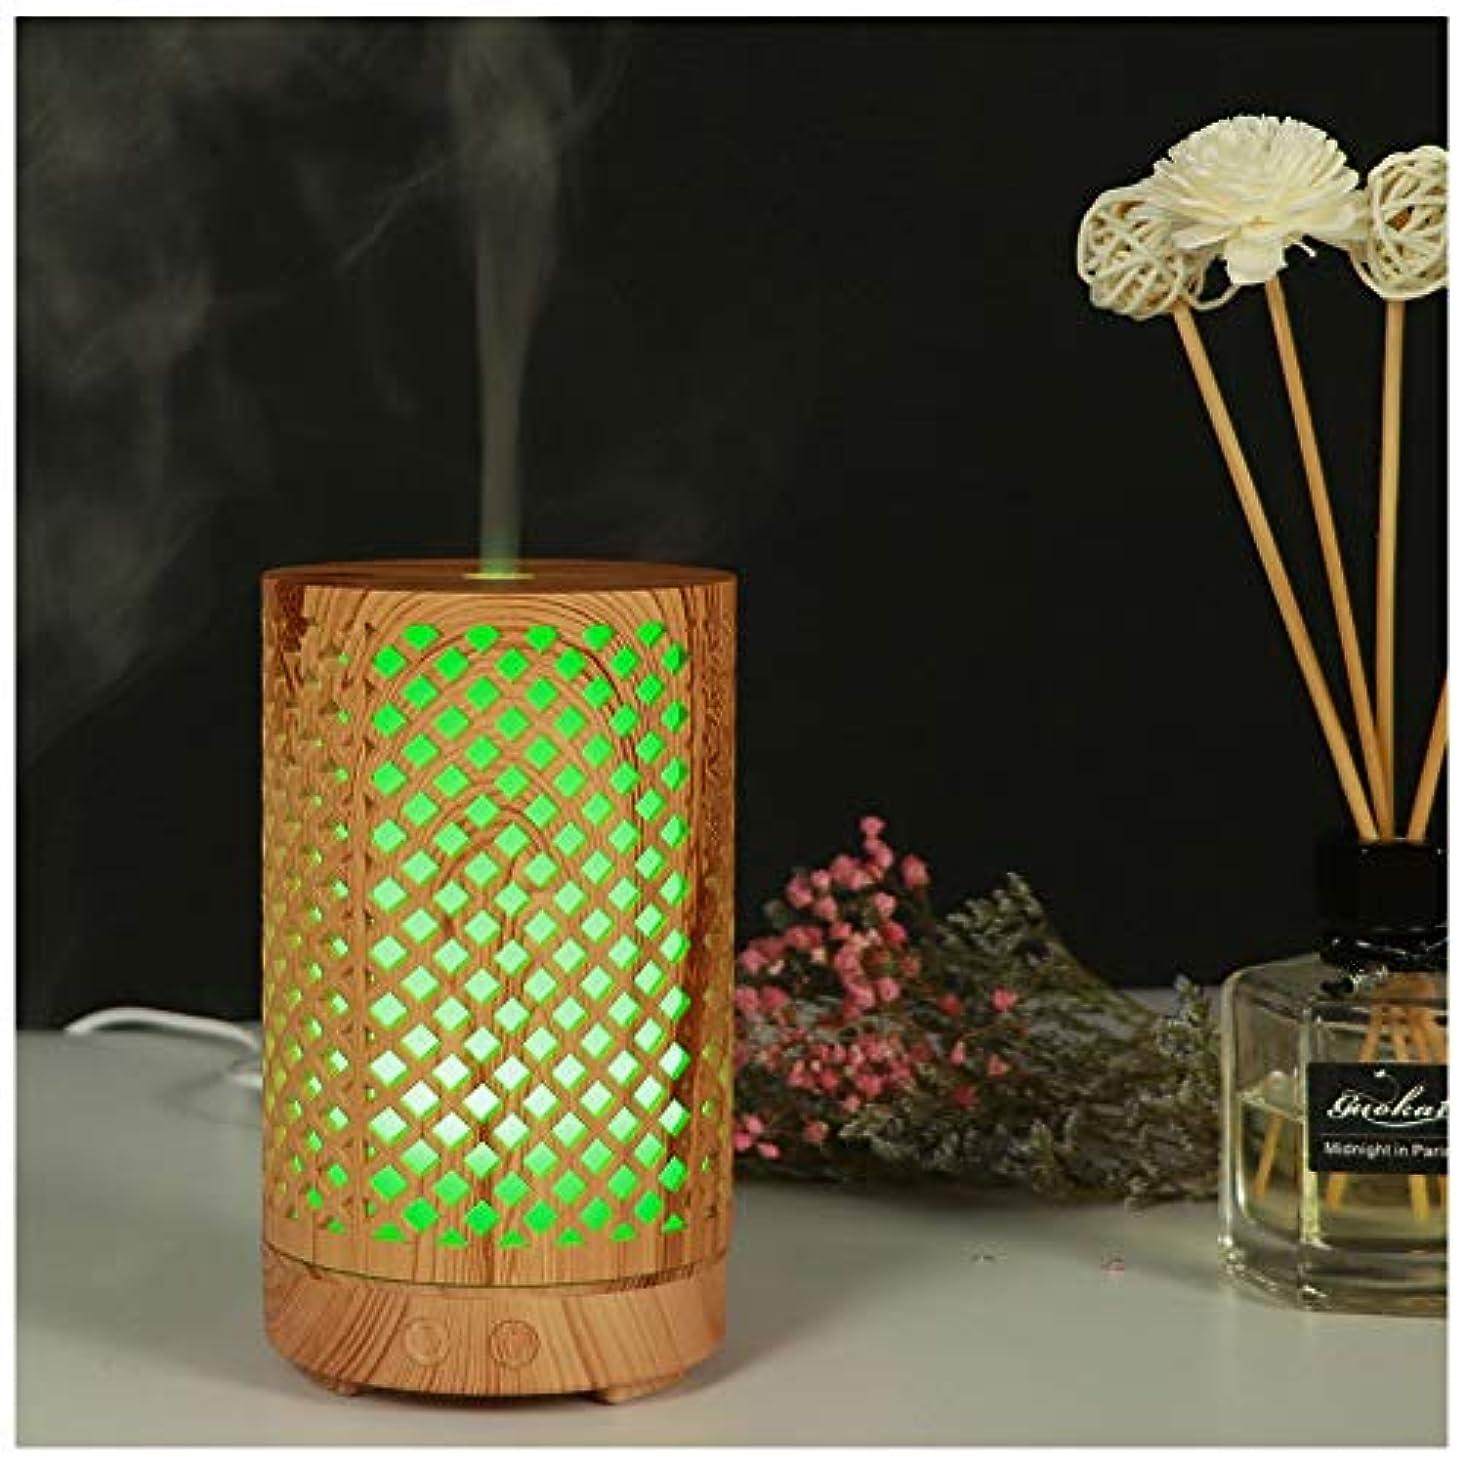 ウッドグレインエッセンシャルオイルディフューザー超音波加湿器ポータブルアロマディフューザー7色LED付きホームオフィス用ヨガスパ(100ml),Lightwoodgrain